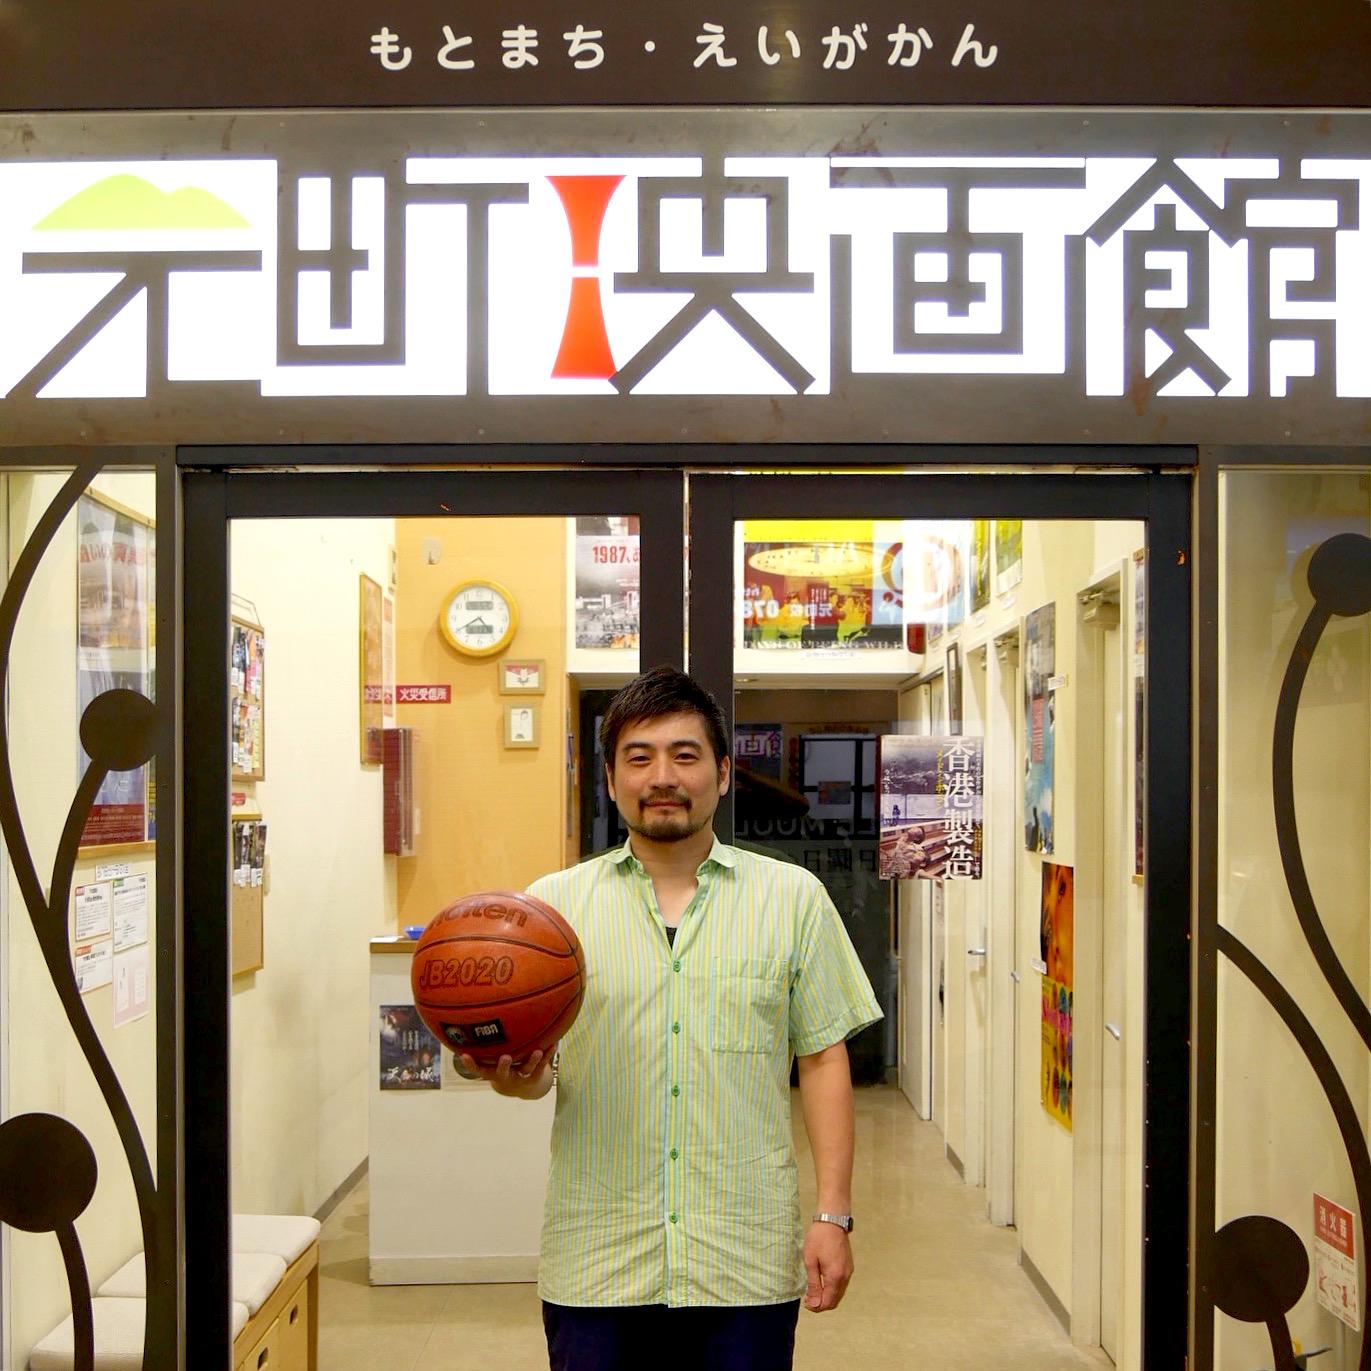 神戸×バスケ×映画和田たすくさん(元町映画館)